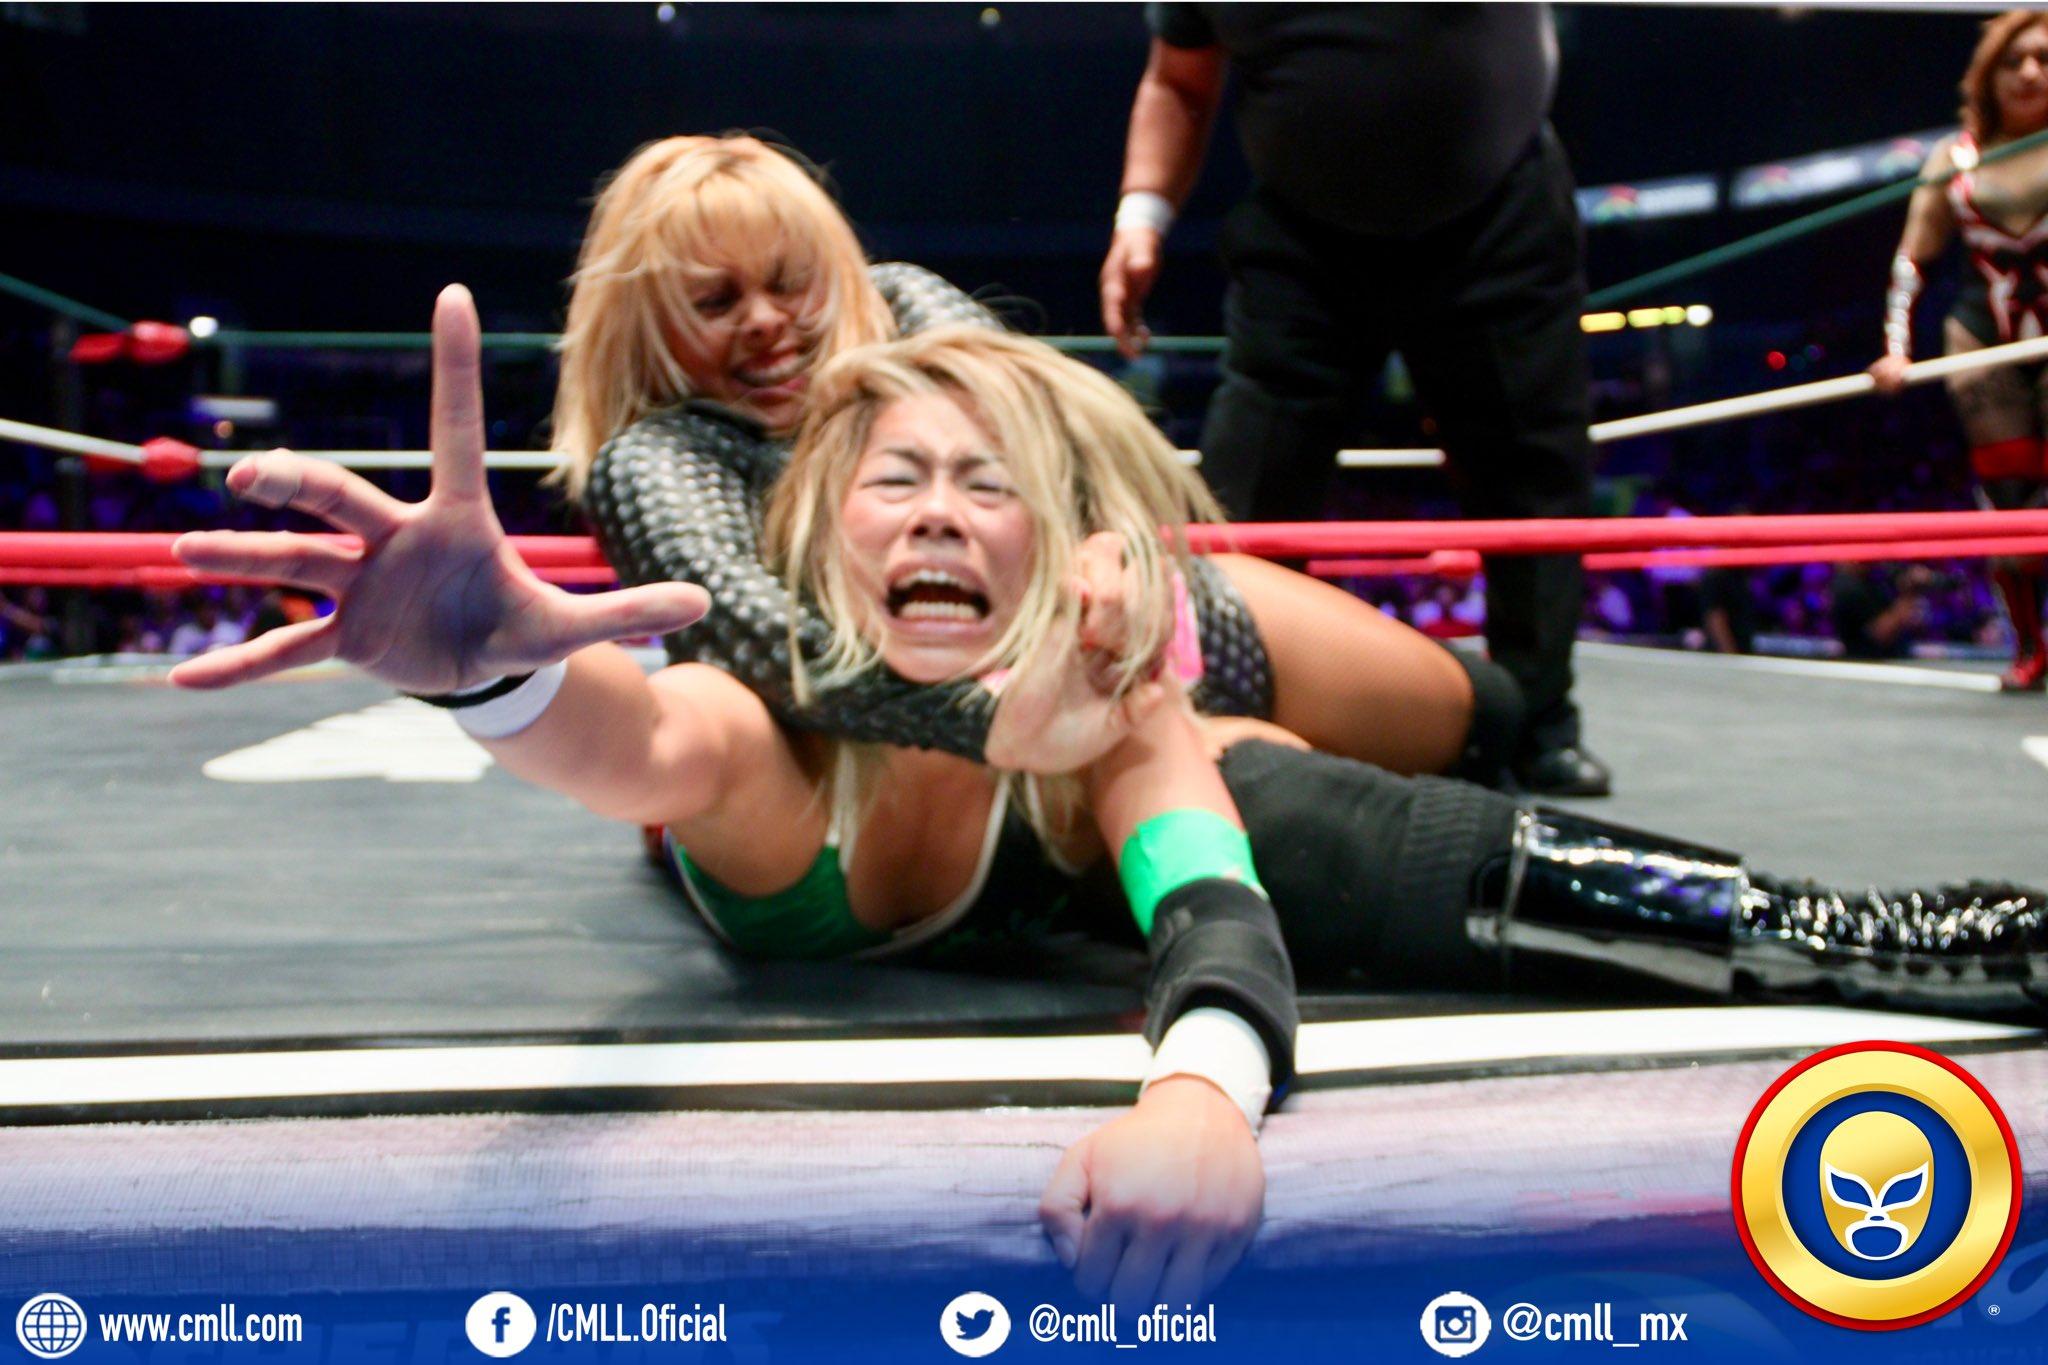 CMLL: Cavernario y Titán son la pareja increíble de 2019 3